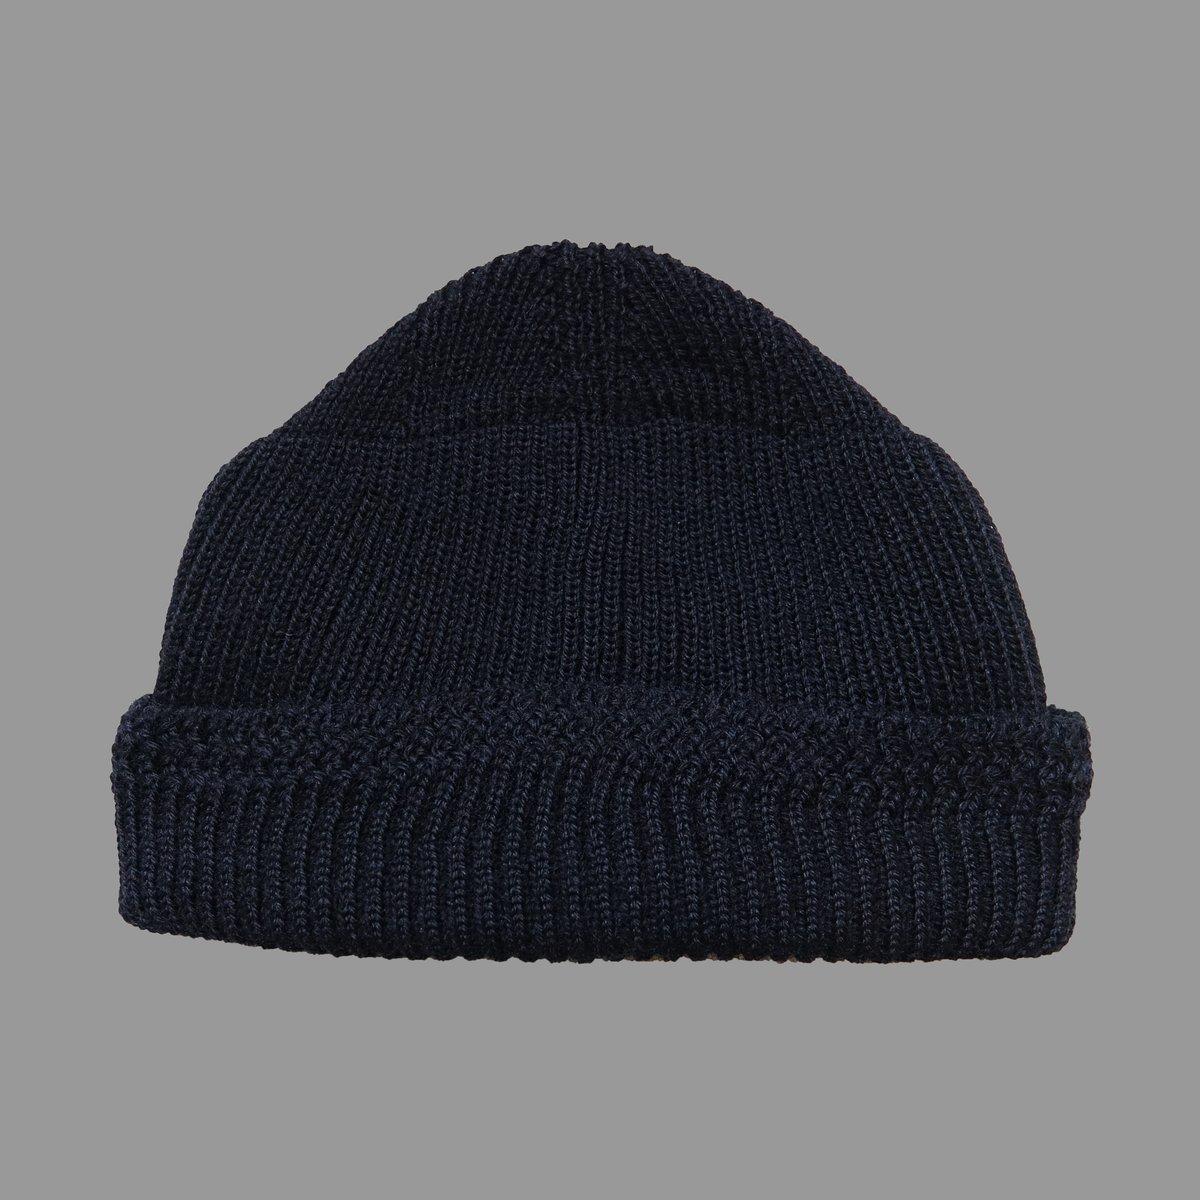 Image of N.S.C DECK HAT - BLACK